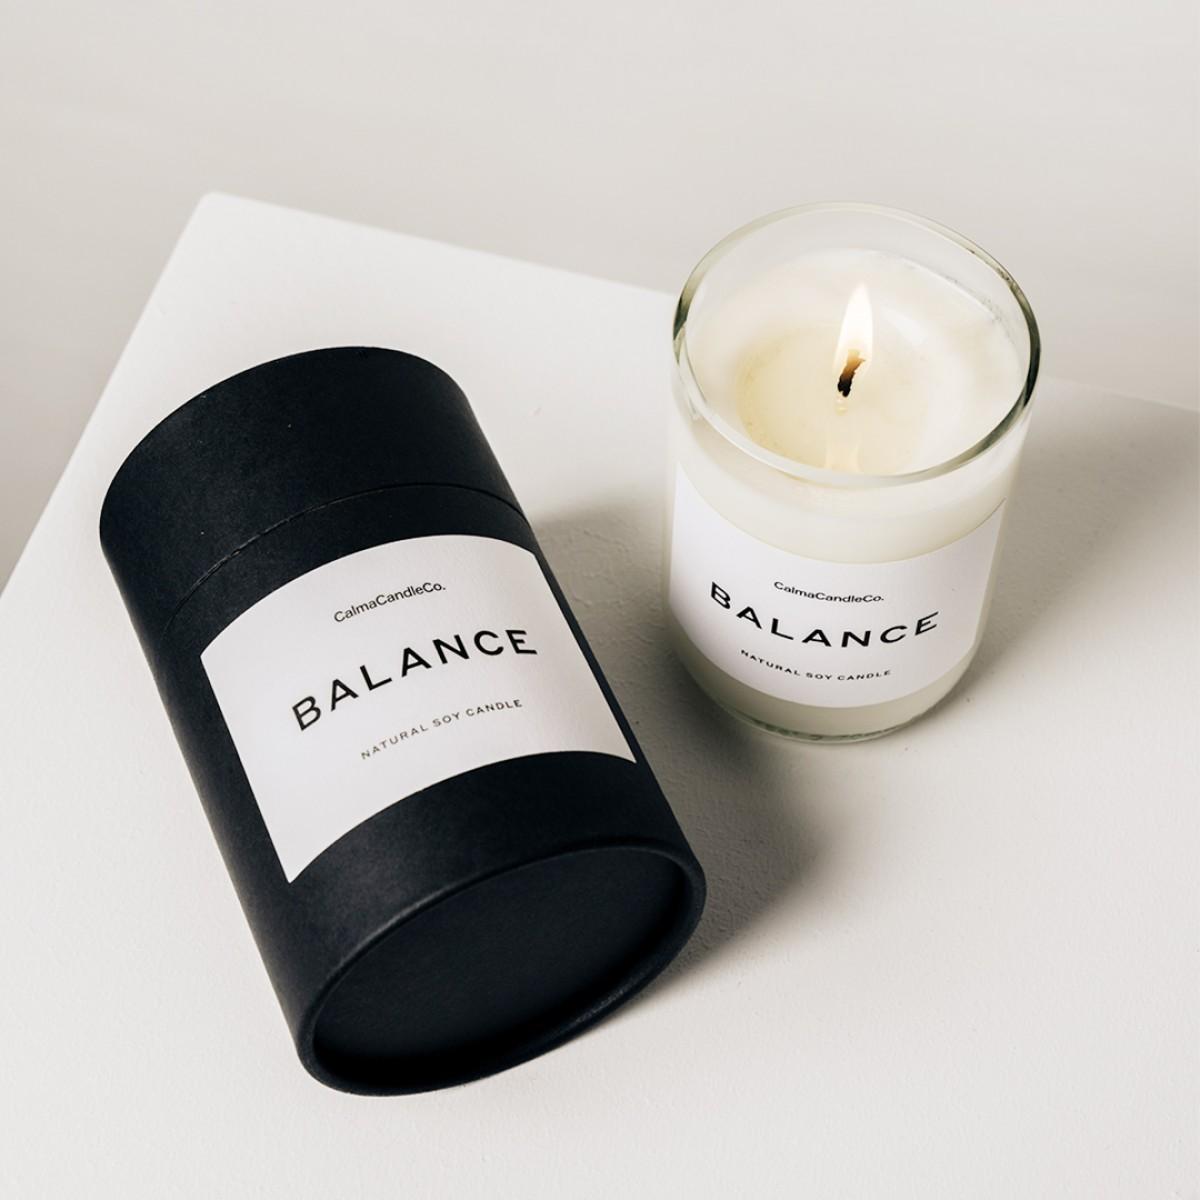 Calma Candle Co. Duftkerze Balance